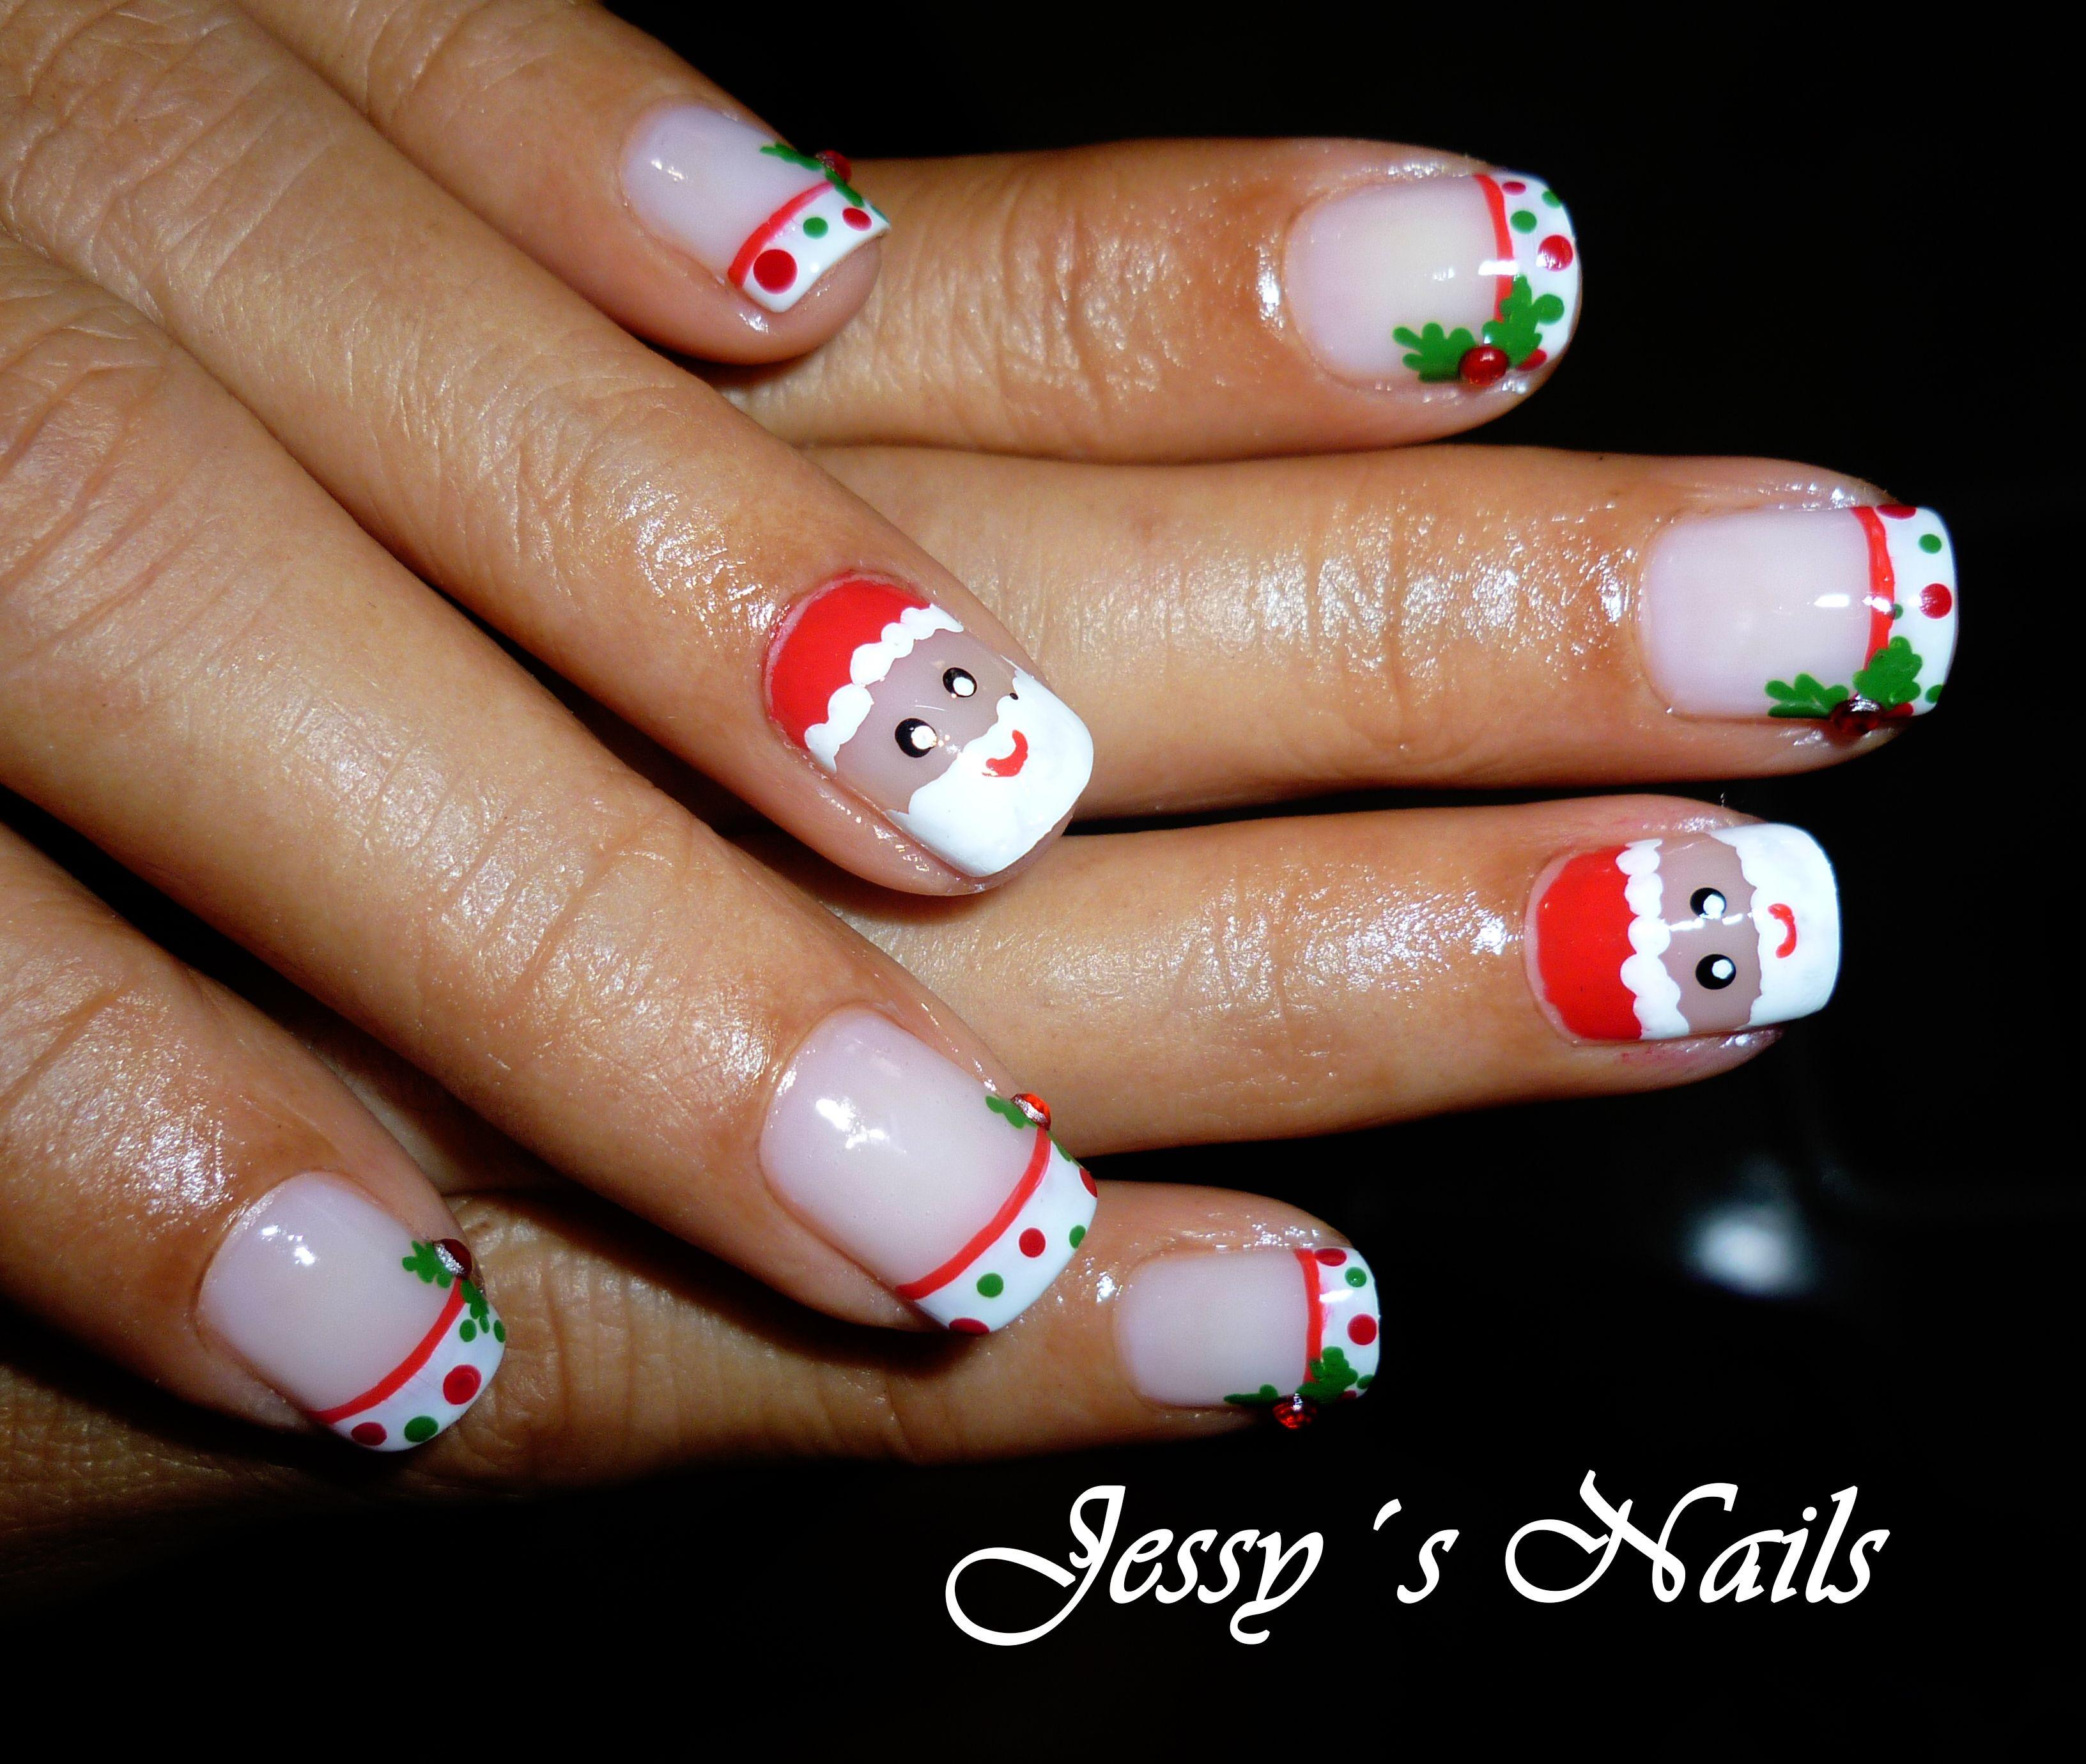 Uñas Decoradas Con Santa Claus Uñas Navideñas Nailart Nails Art